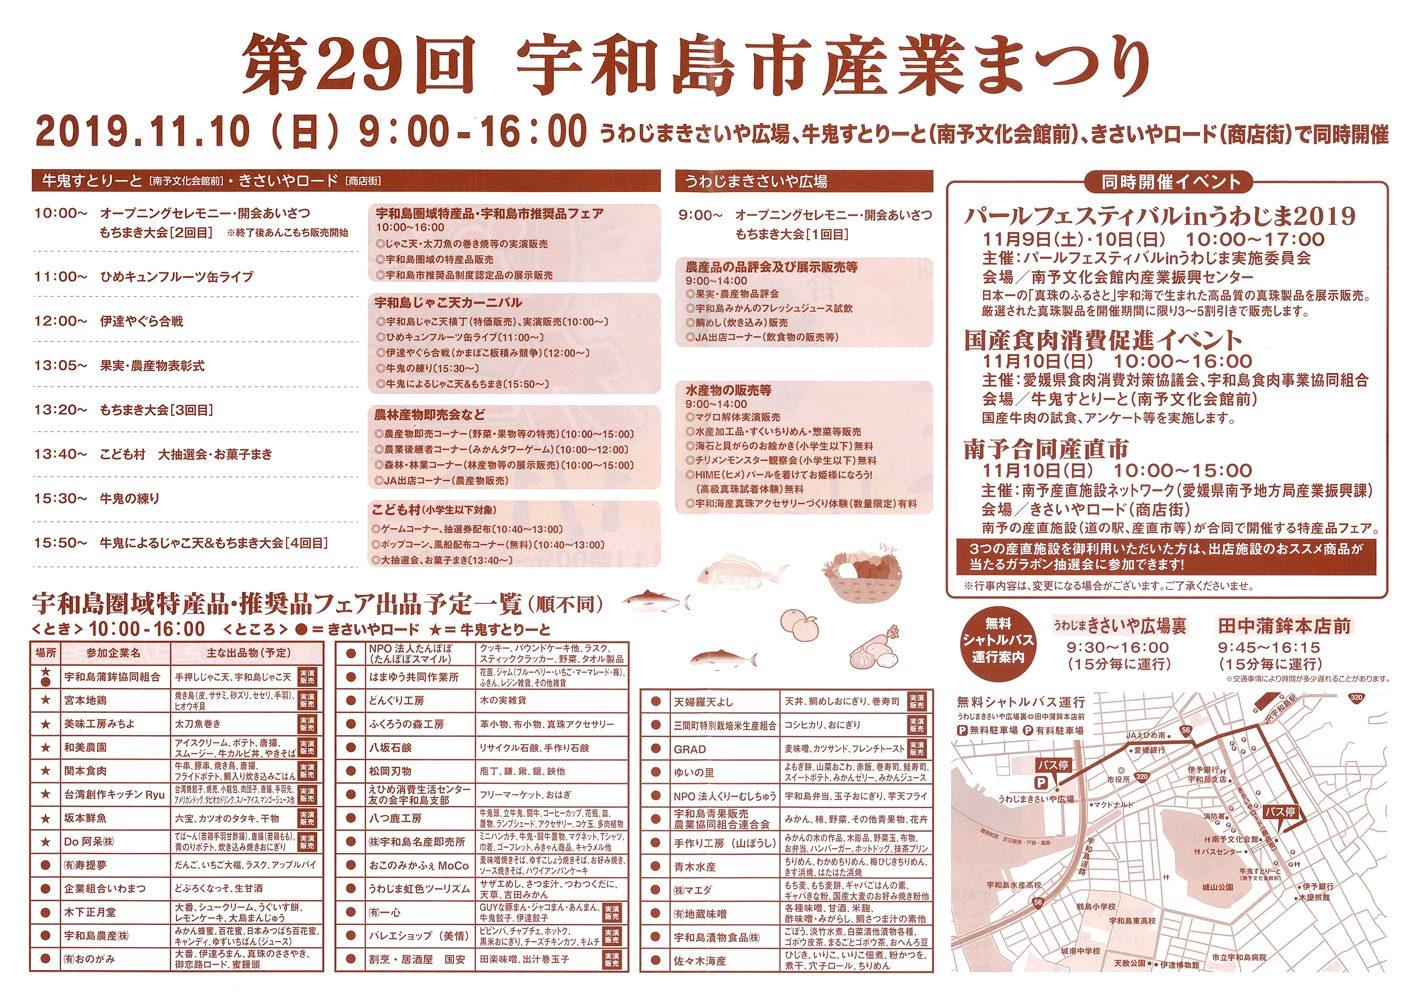 宇和島市産業まつり詳細